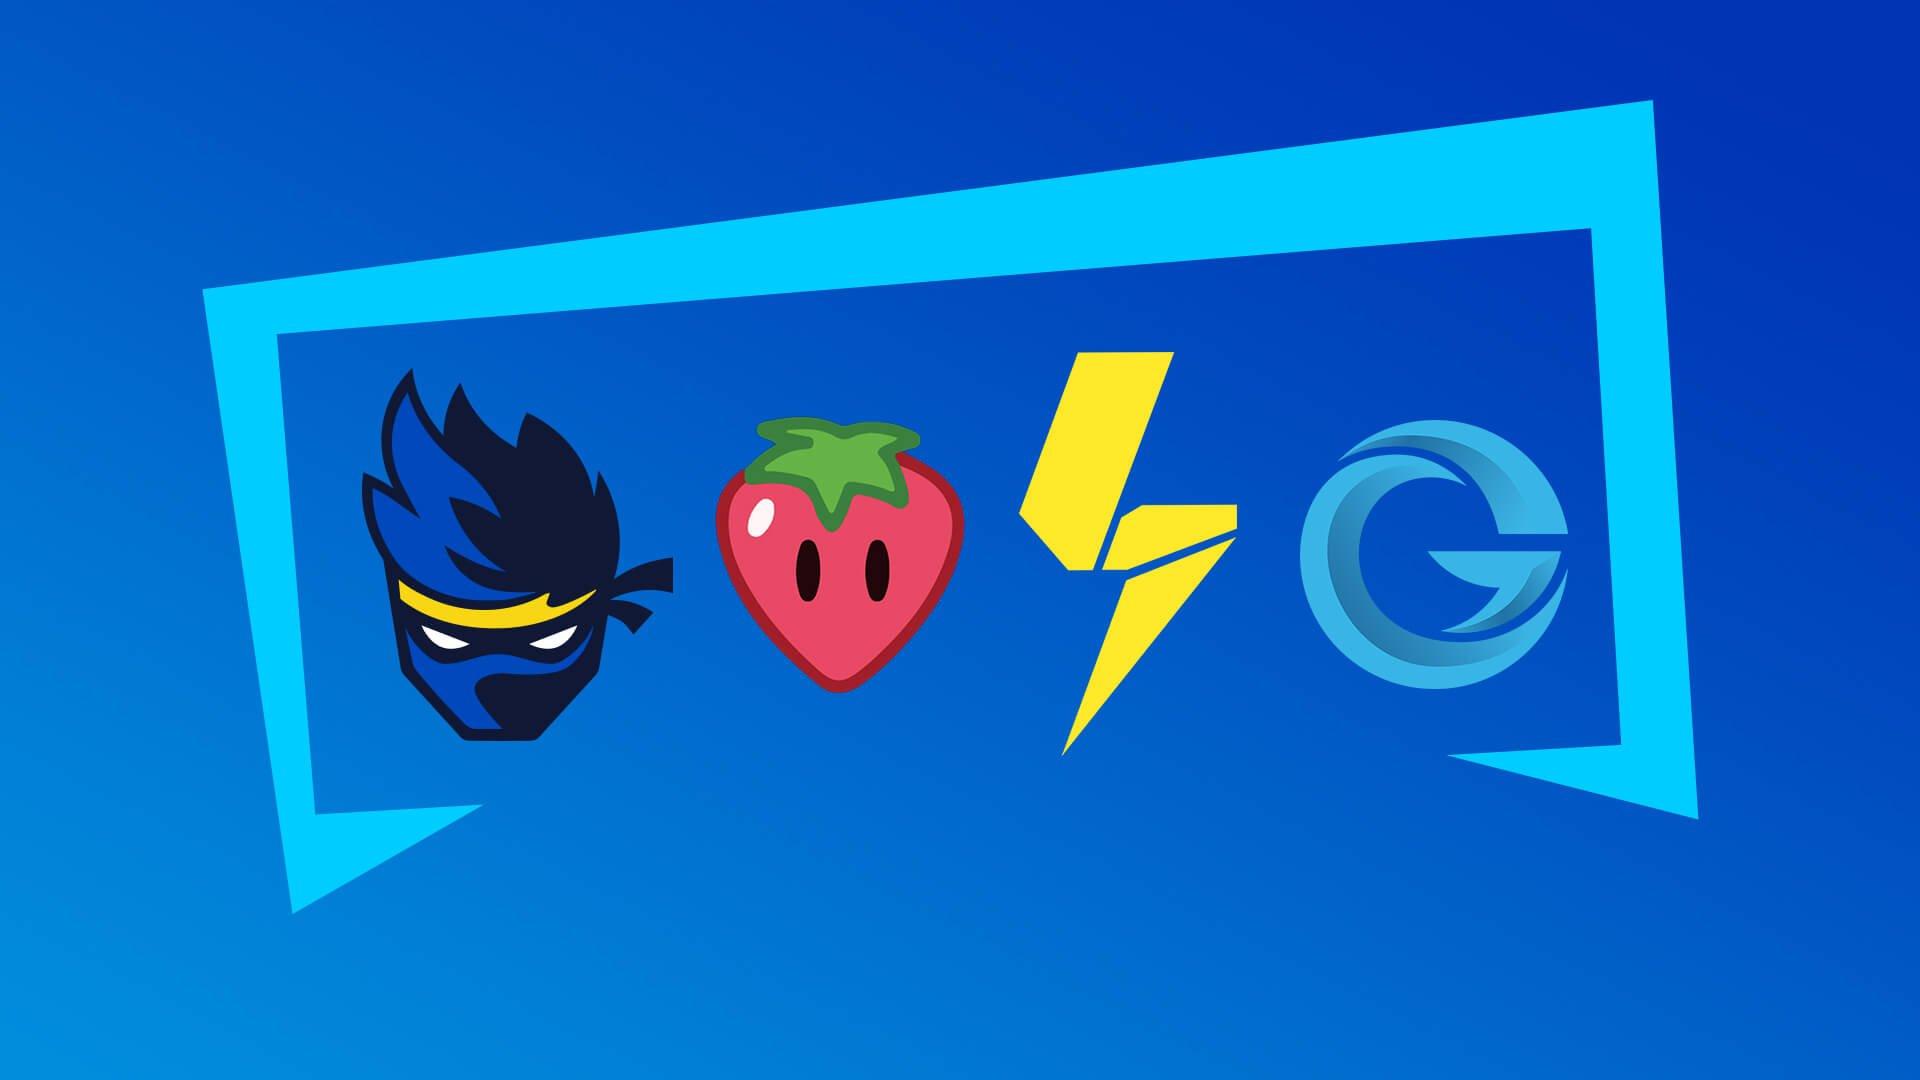 Serie de iconos de Fortnite